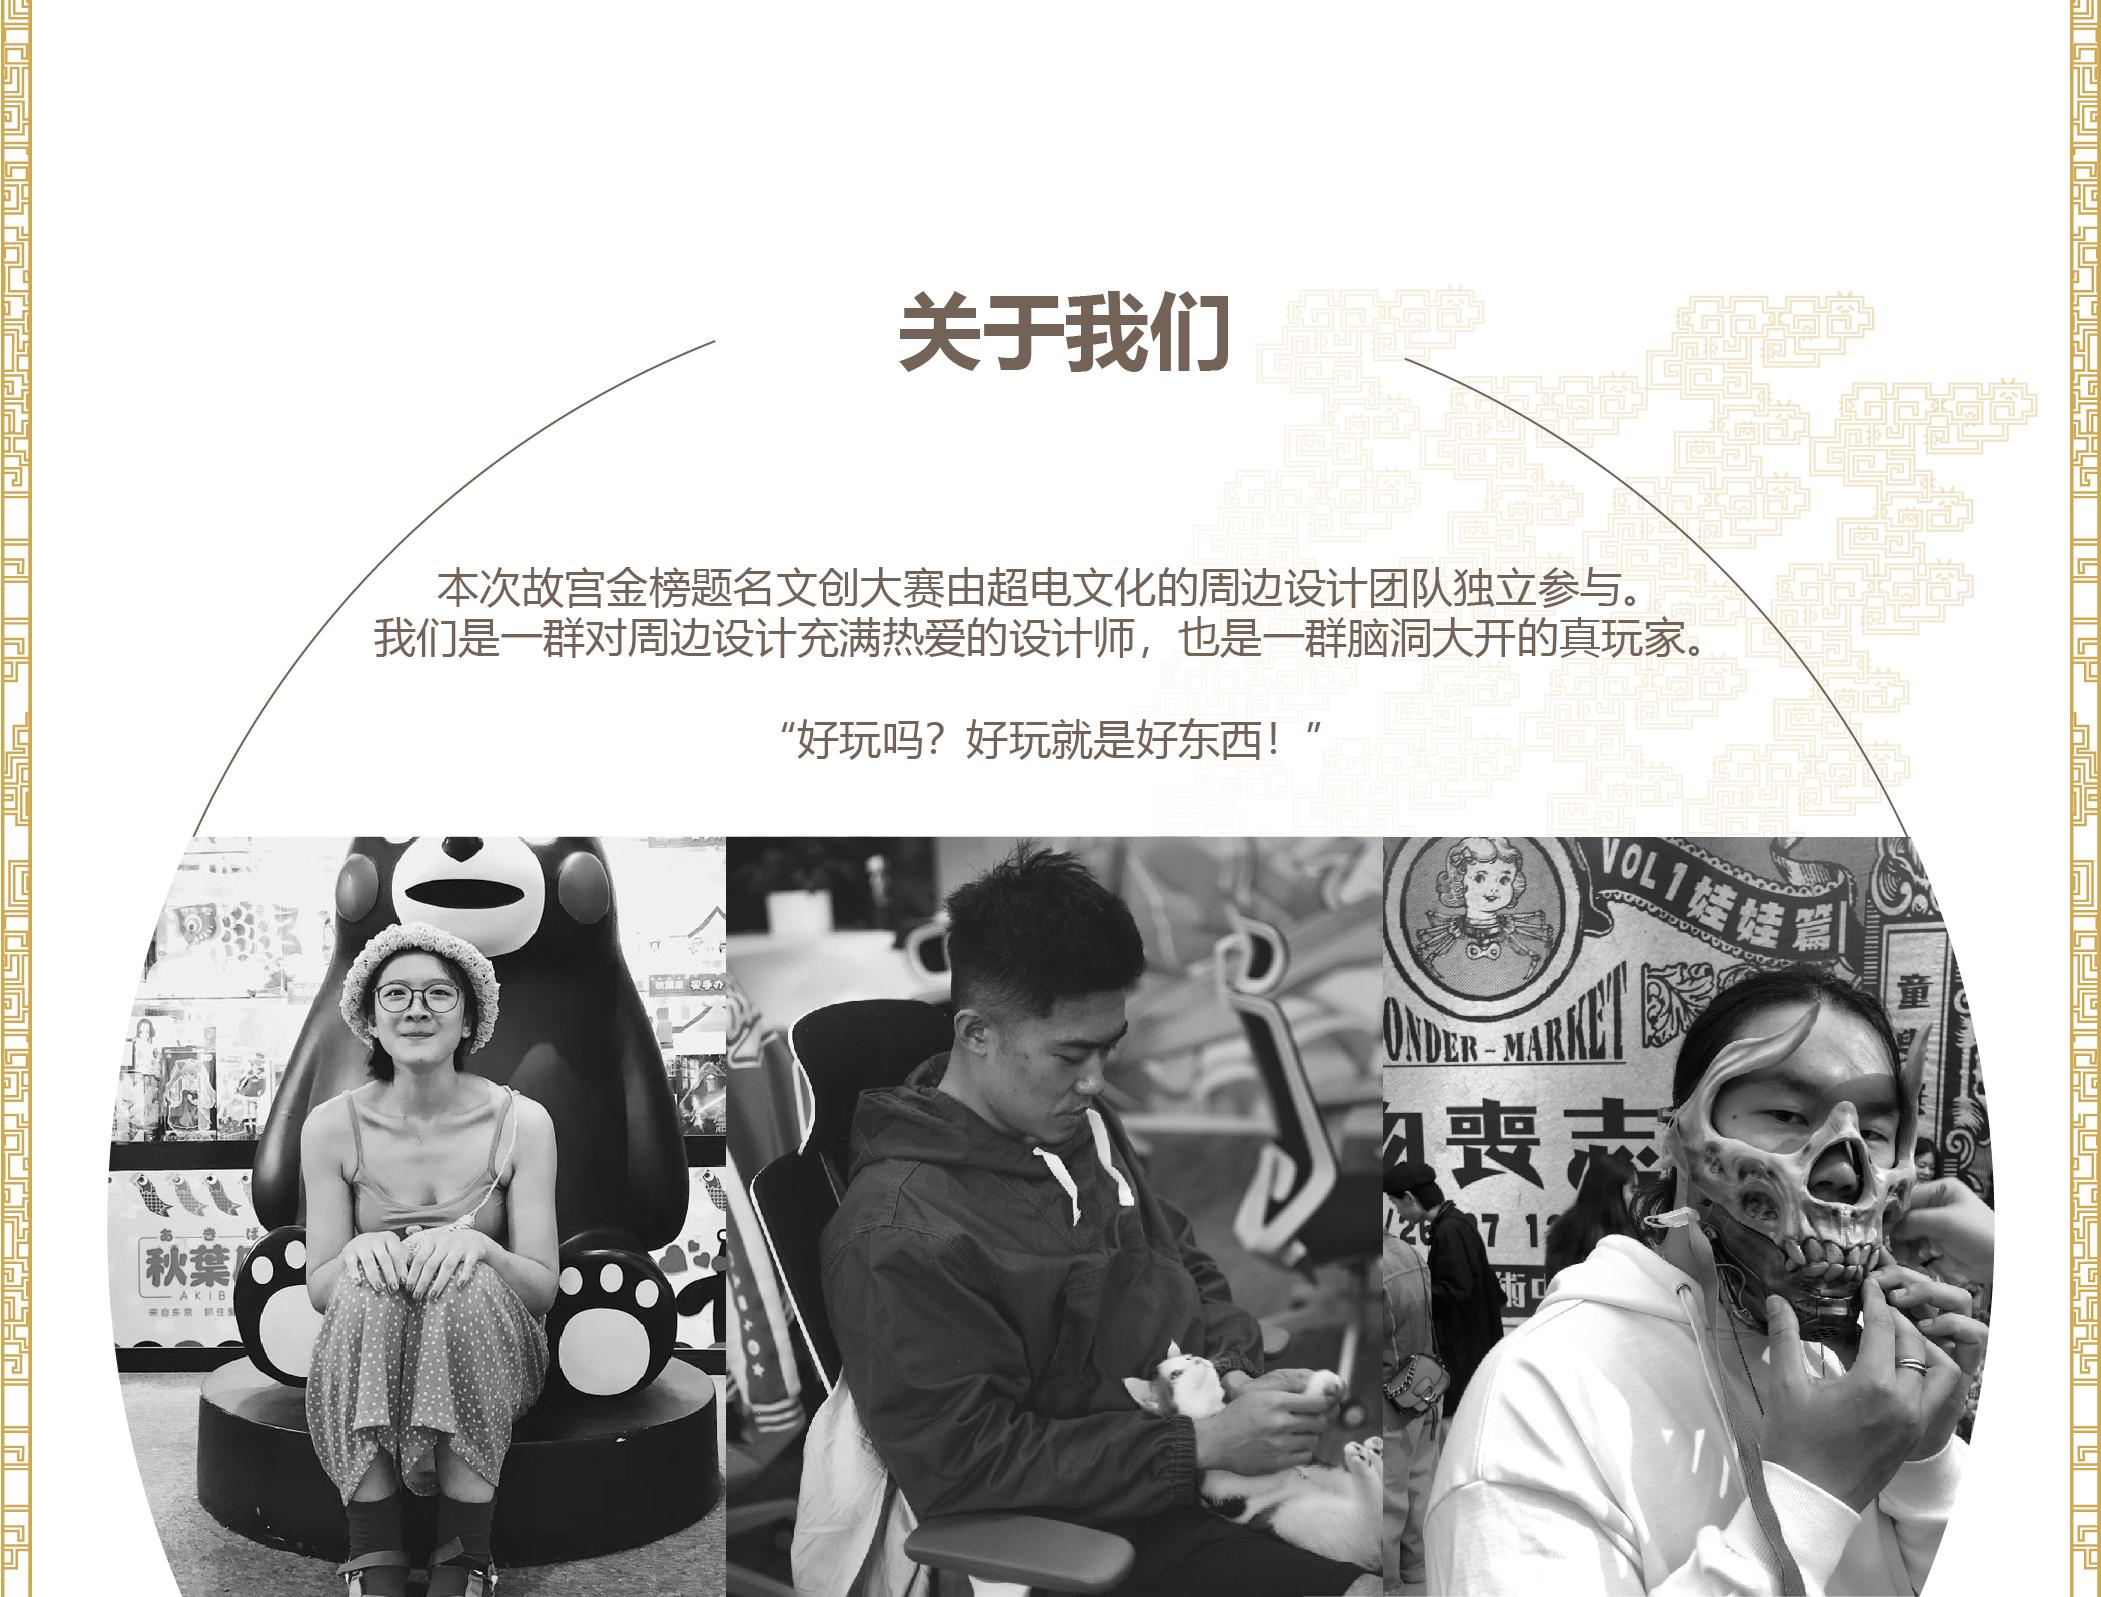 长图详情-02.jpg